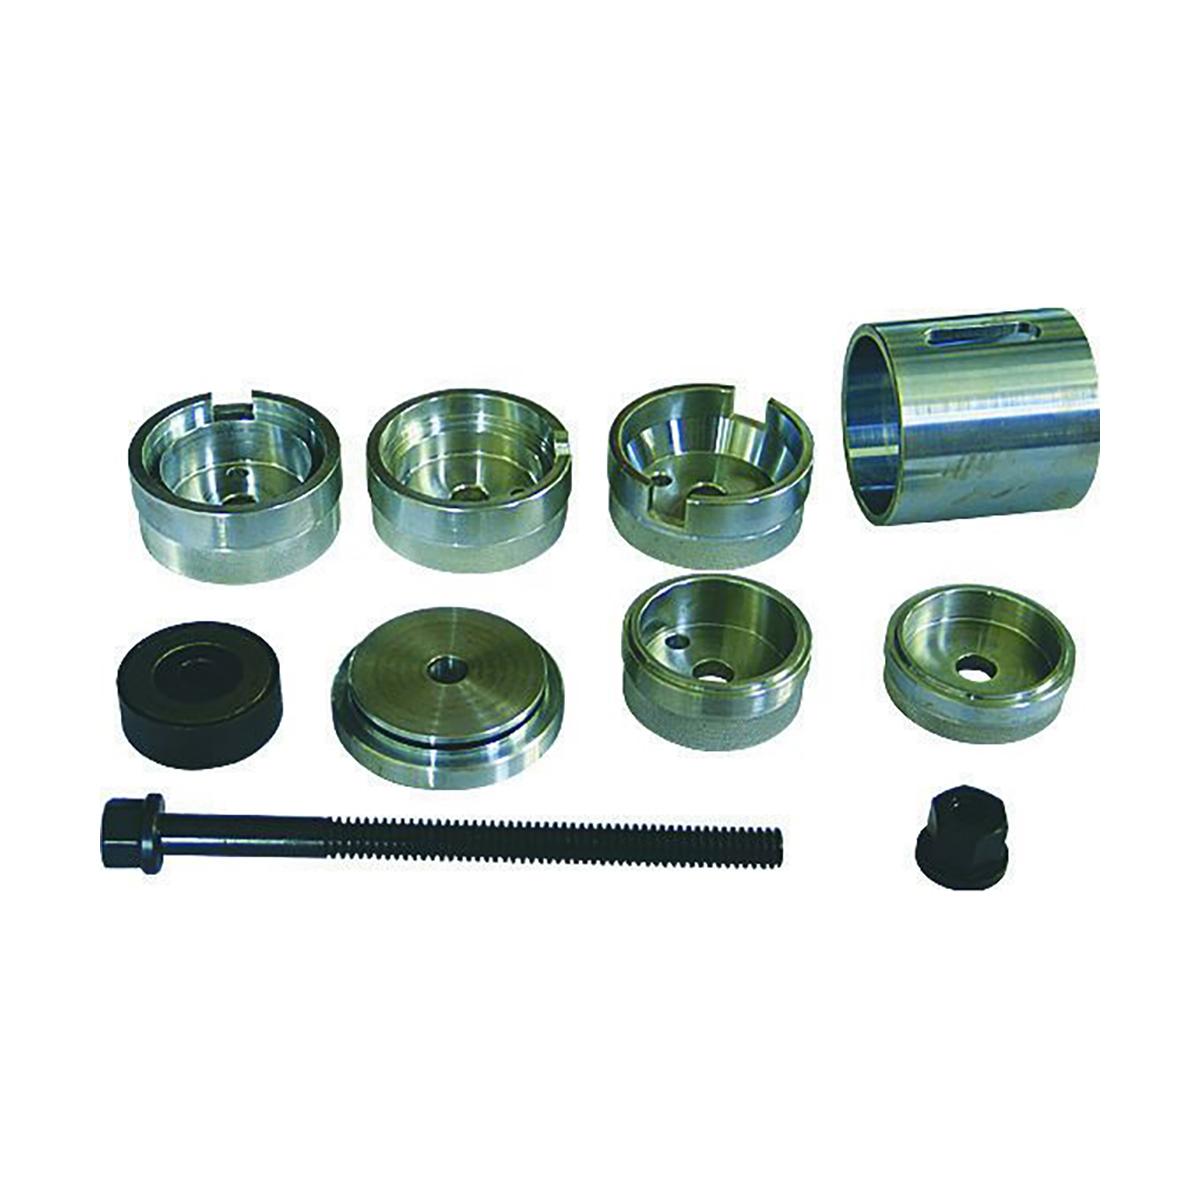 Съемник сайлентблоков для W220/211/203 Car-Tool CT-1037